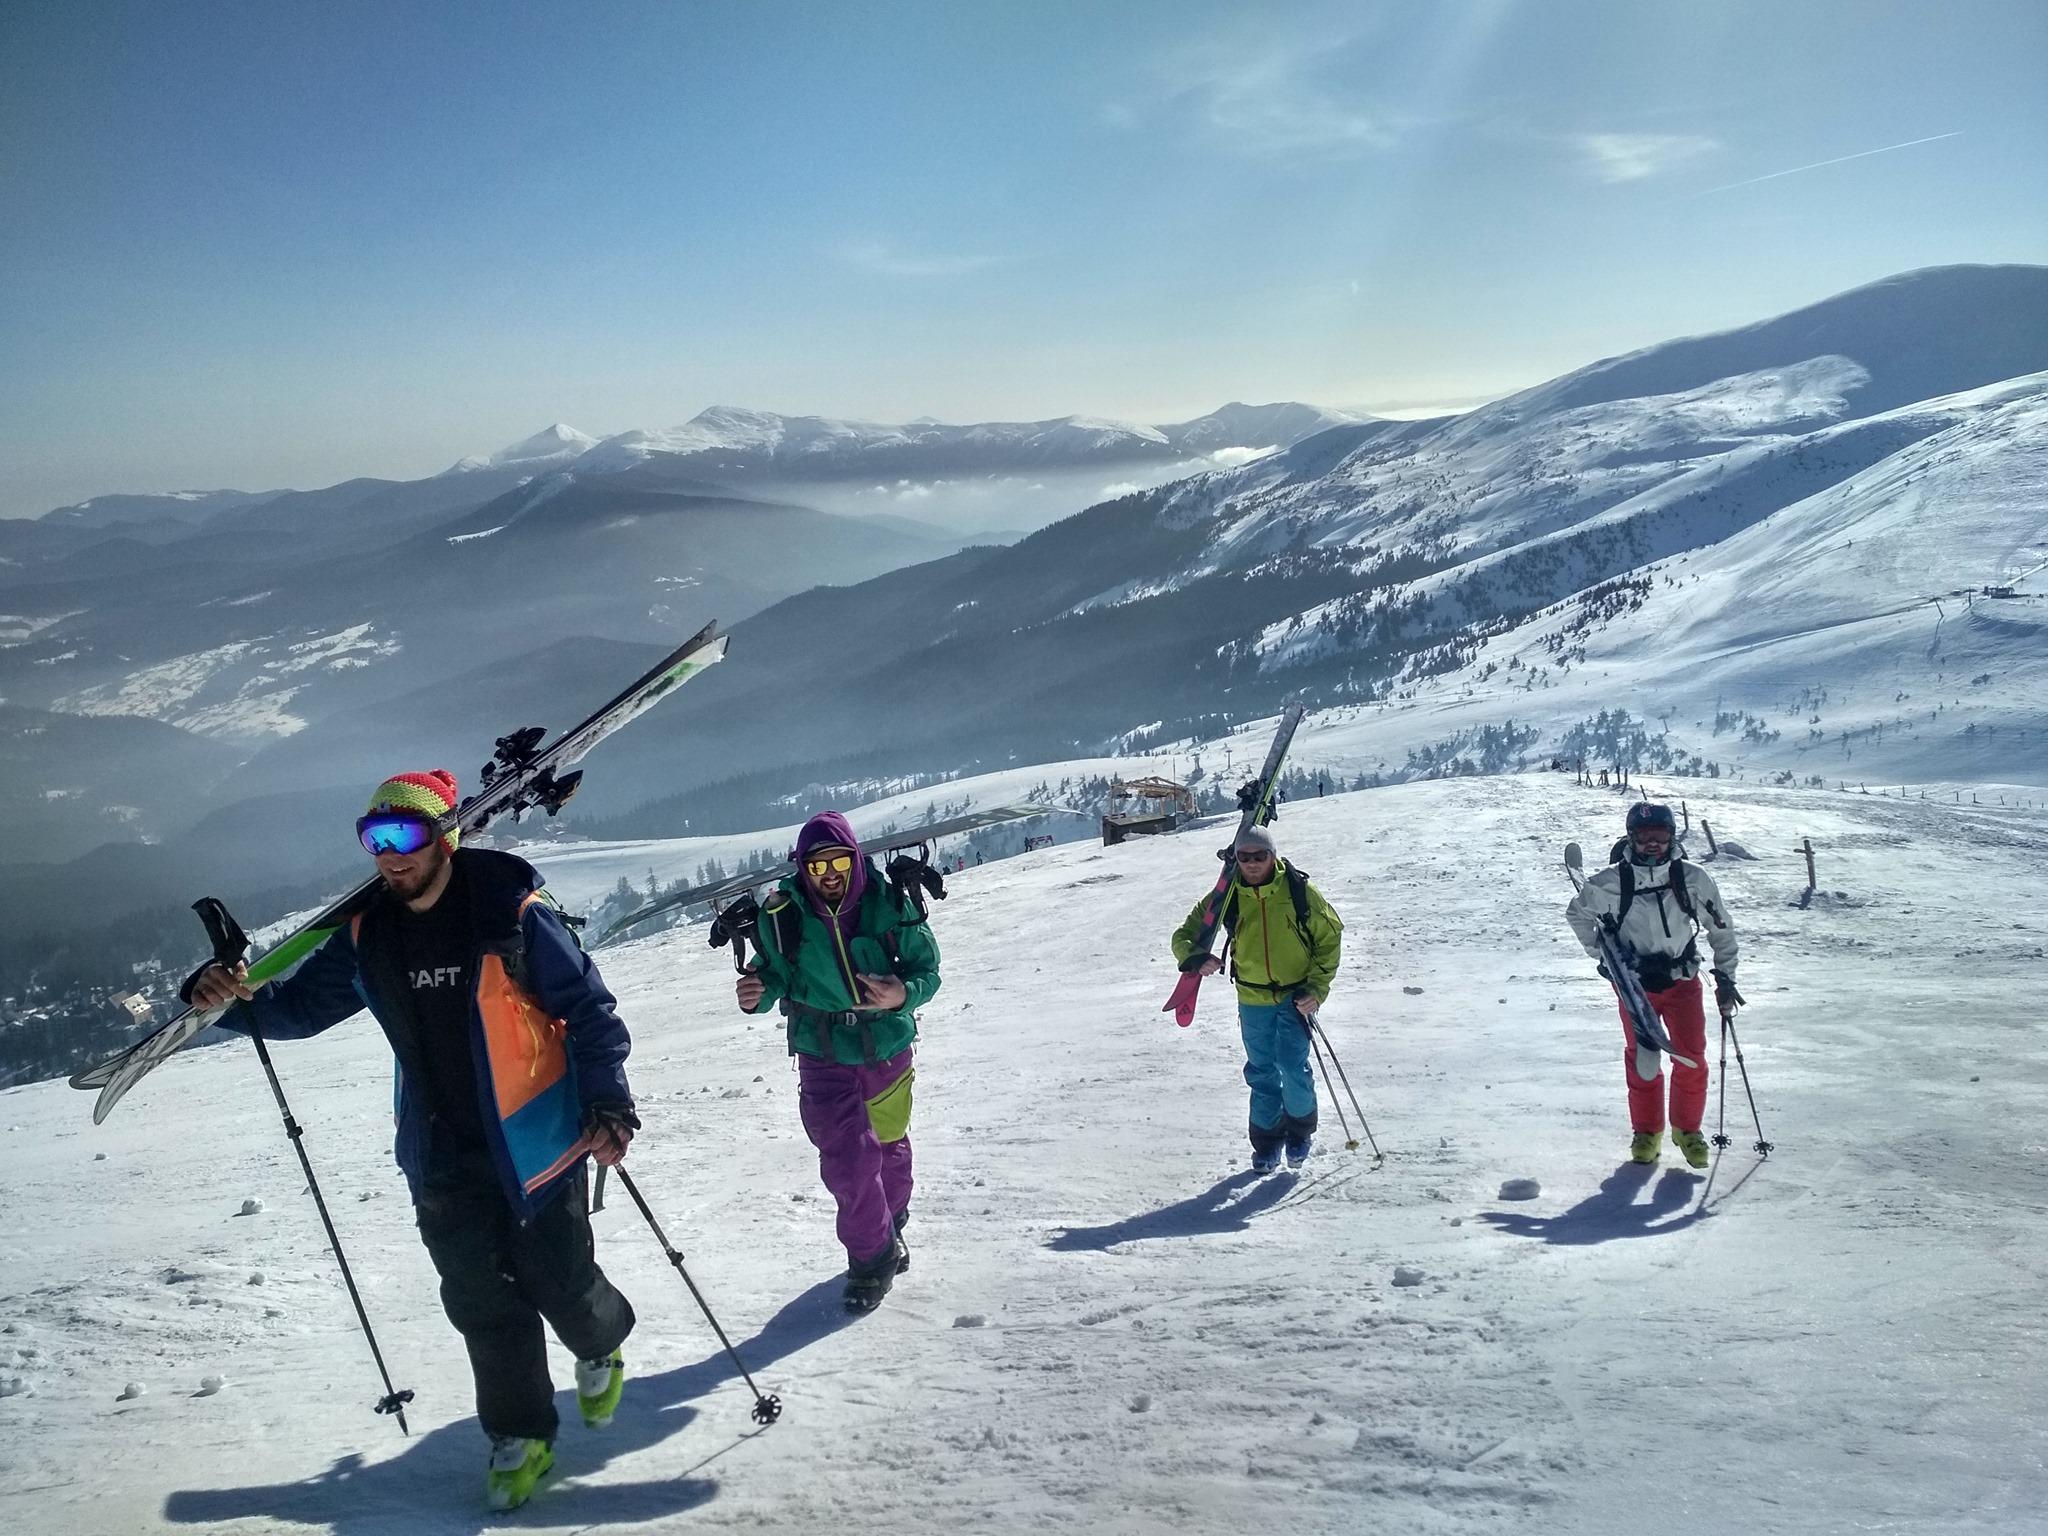 Топ-5 гірськолижних курортів в Україні: Буковель, Драгобрат, Мигово, Плай, Яремче. Почніть планувати зимовий відпочинок в Карпатах вже сьогодні.